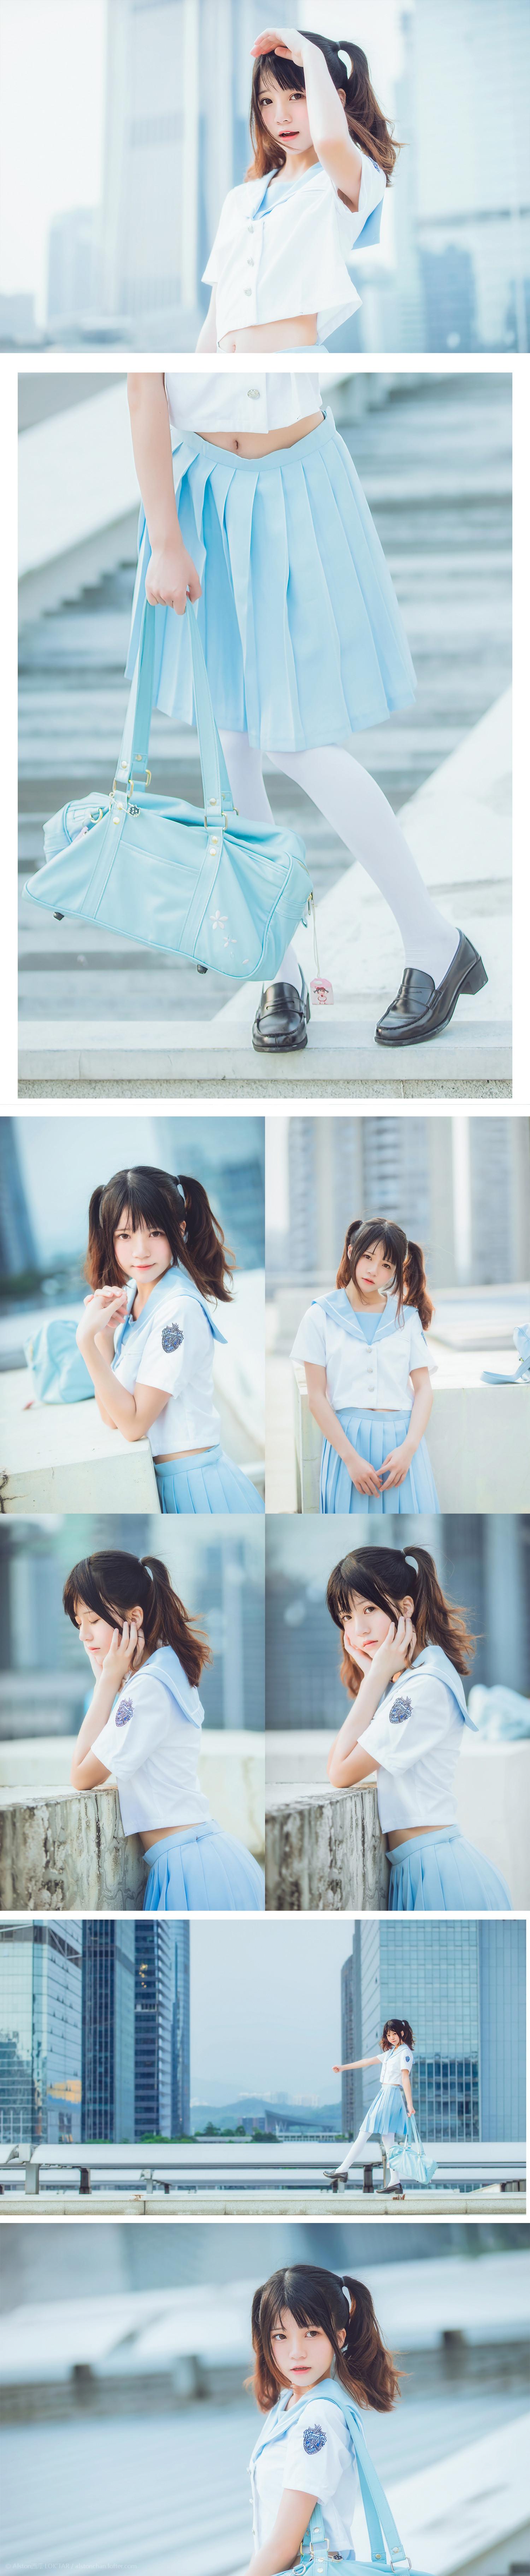 免费⭐微博红人⭐桜桃喵@写真cos-穿制服的样子(桜桃喵)插图7